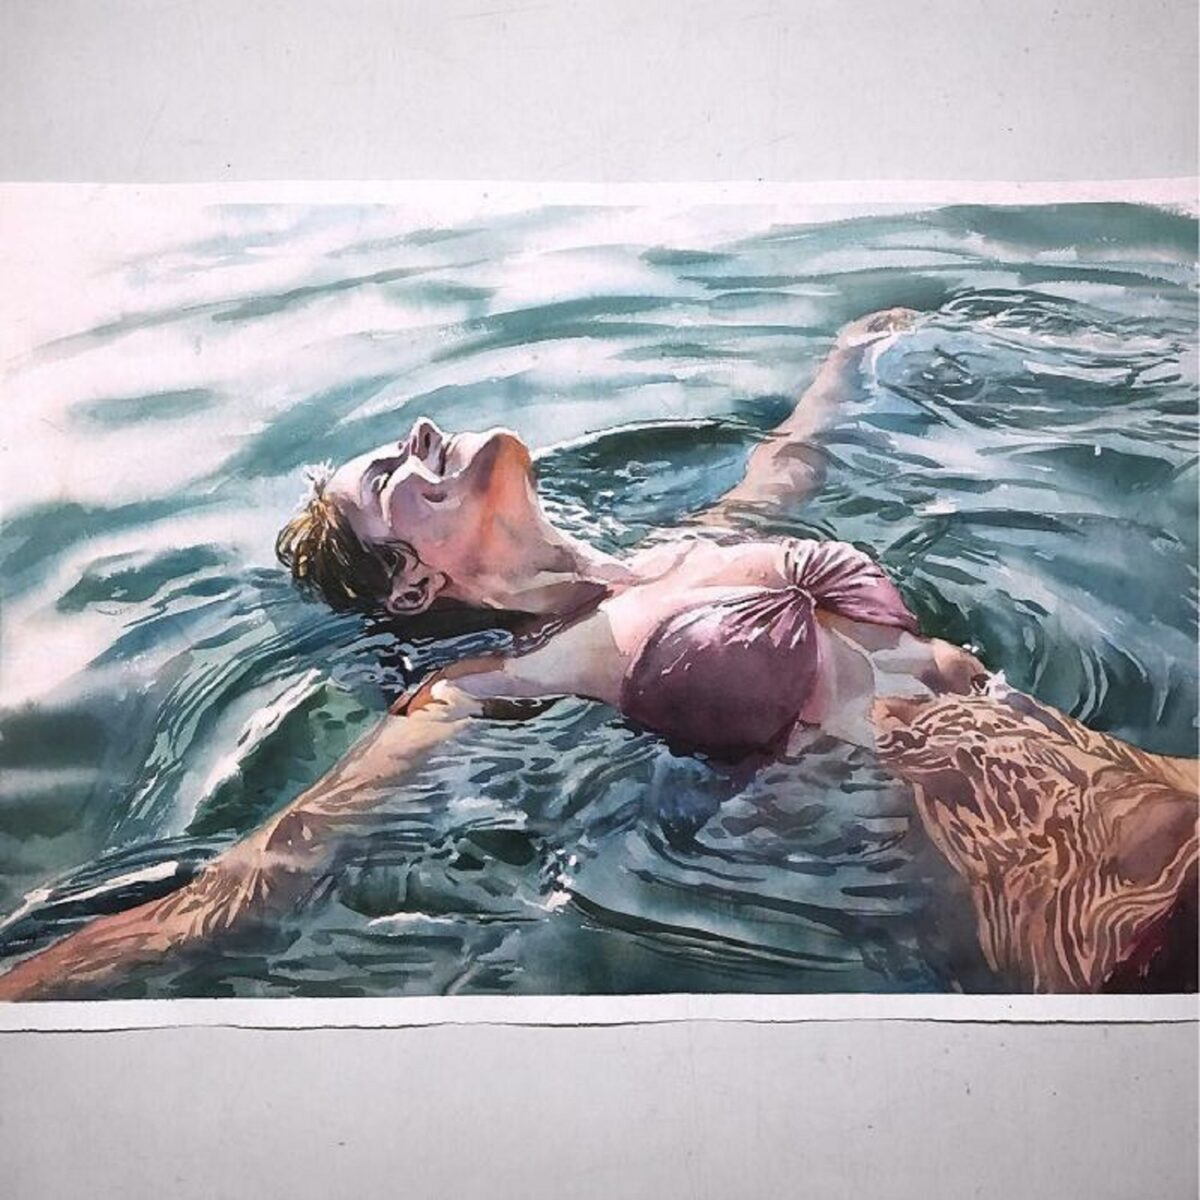 Marcos Beccari artista brasileiro retrata pessoas dentro dagua em incriveis pinturas aquarelas 16